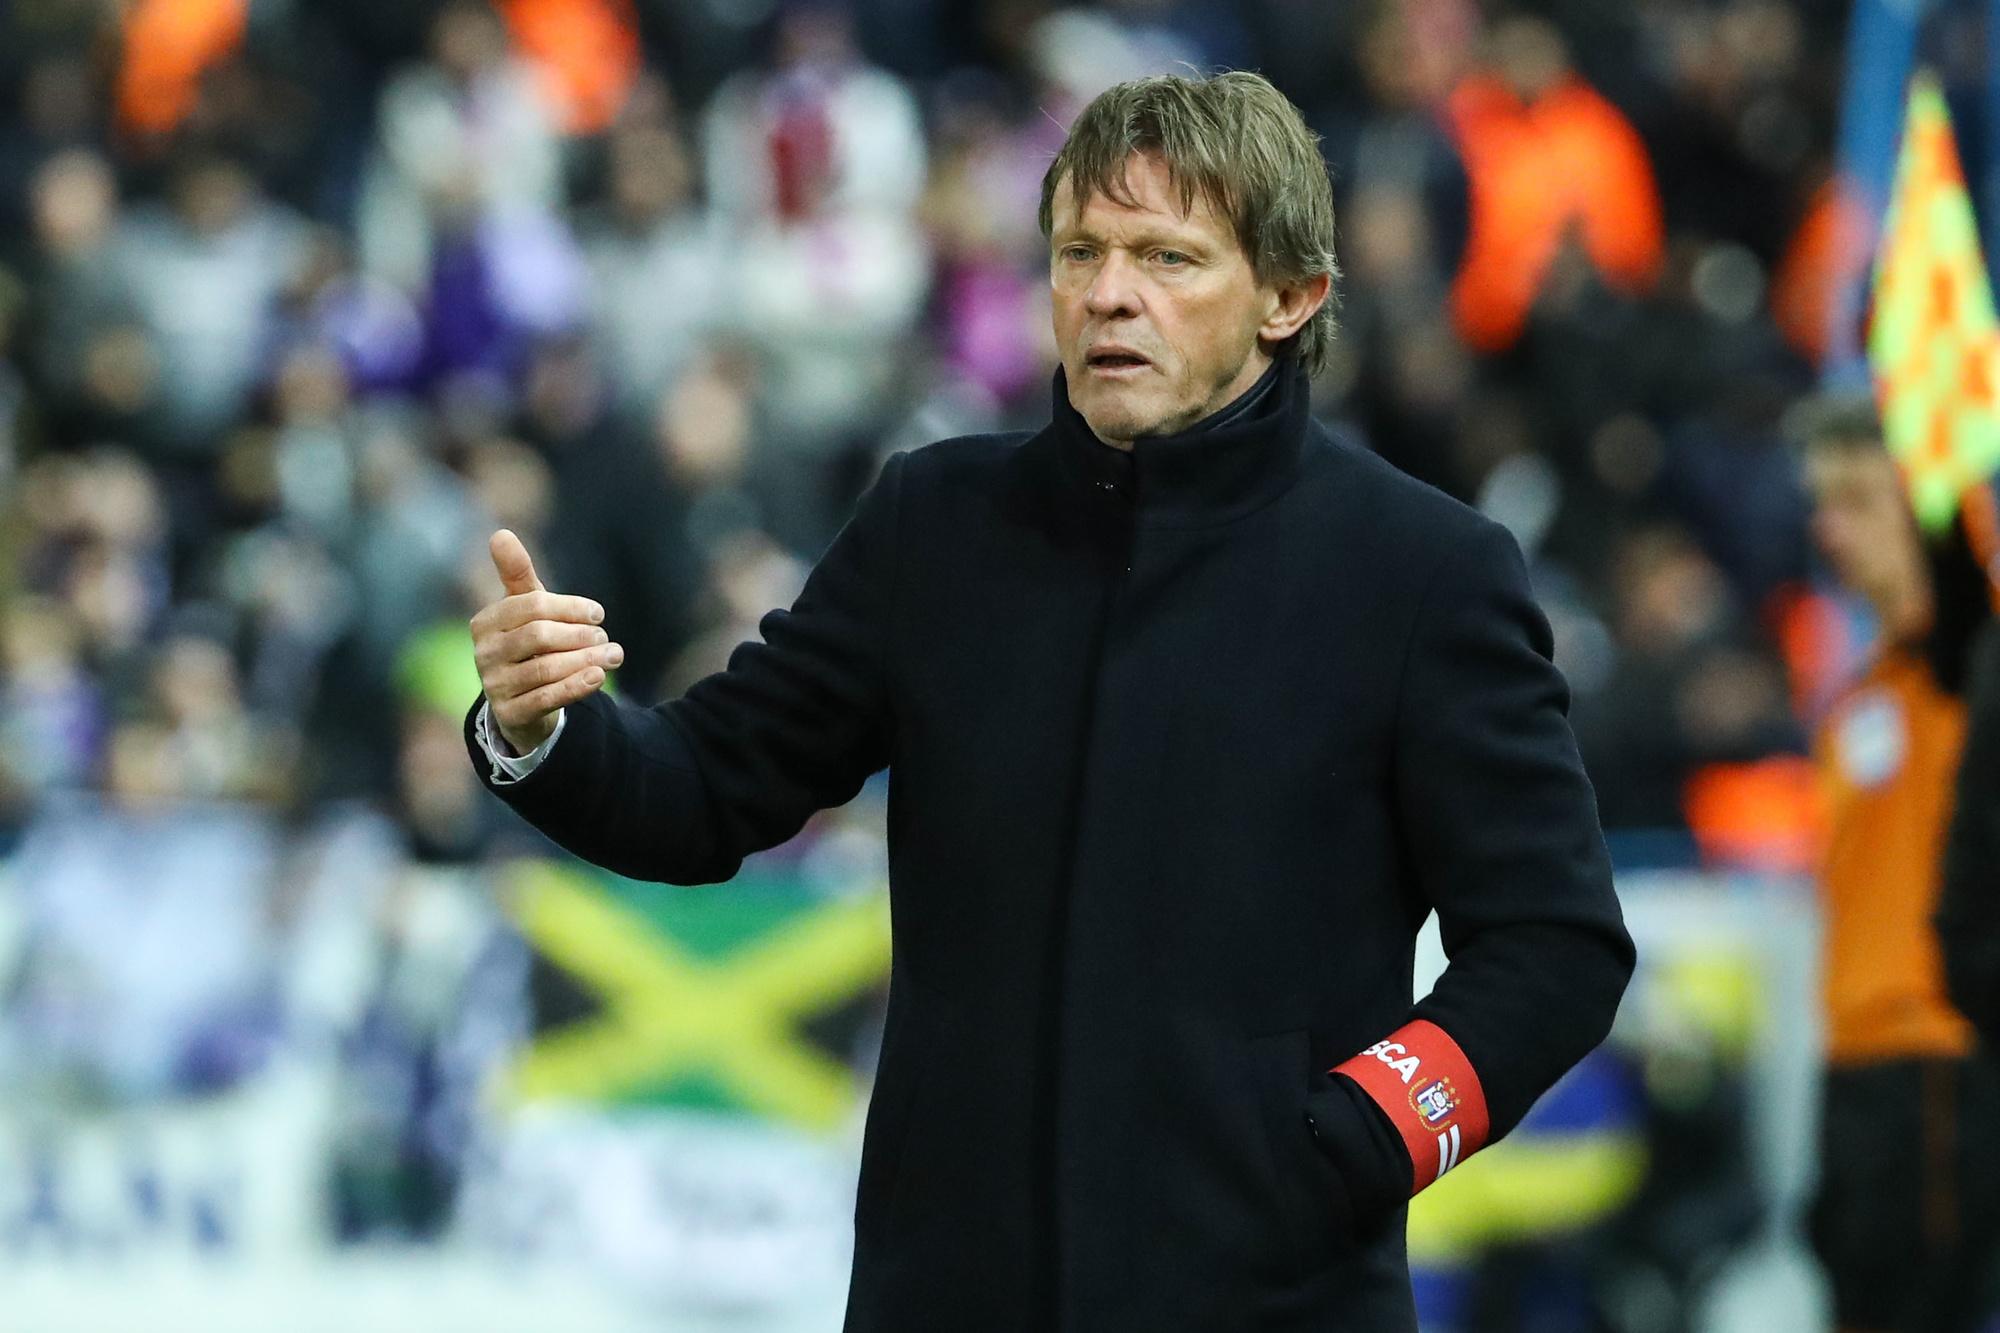 Wordt Frank Vercauteren de nieuwe coach van KRC Genk?, Belga Image